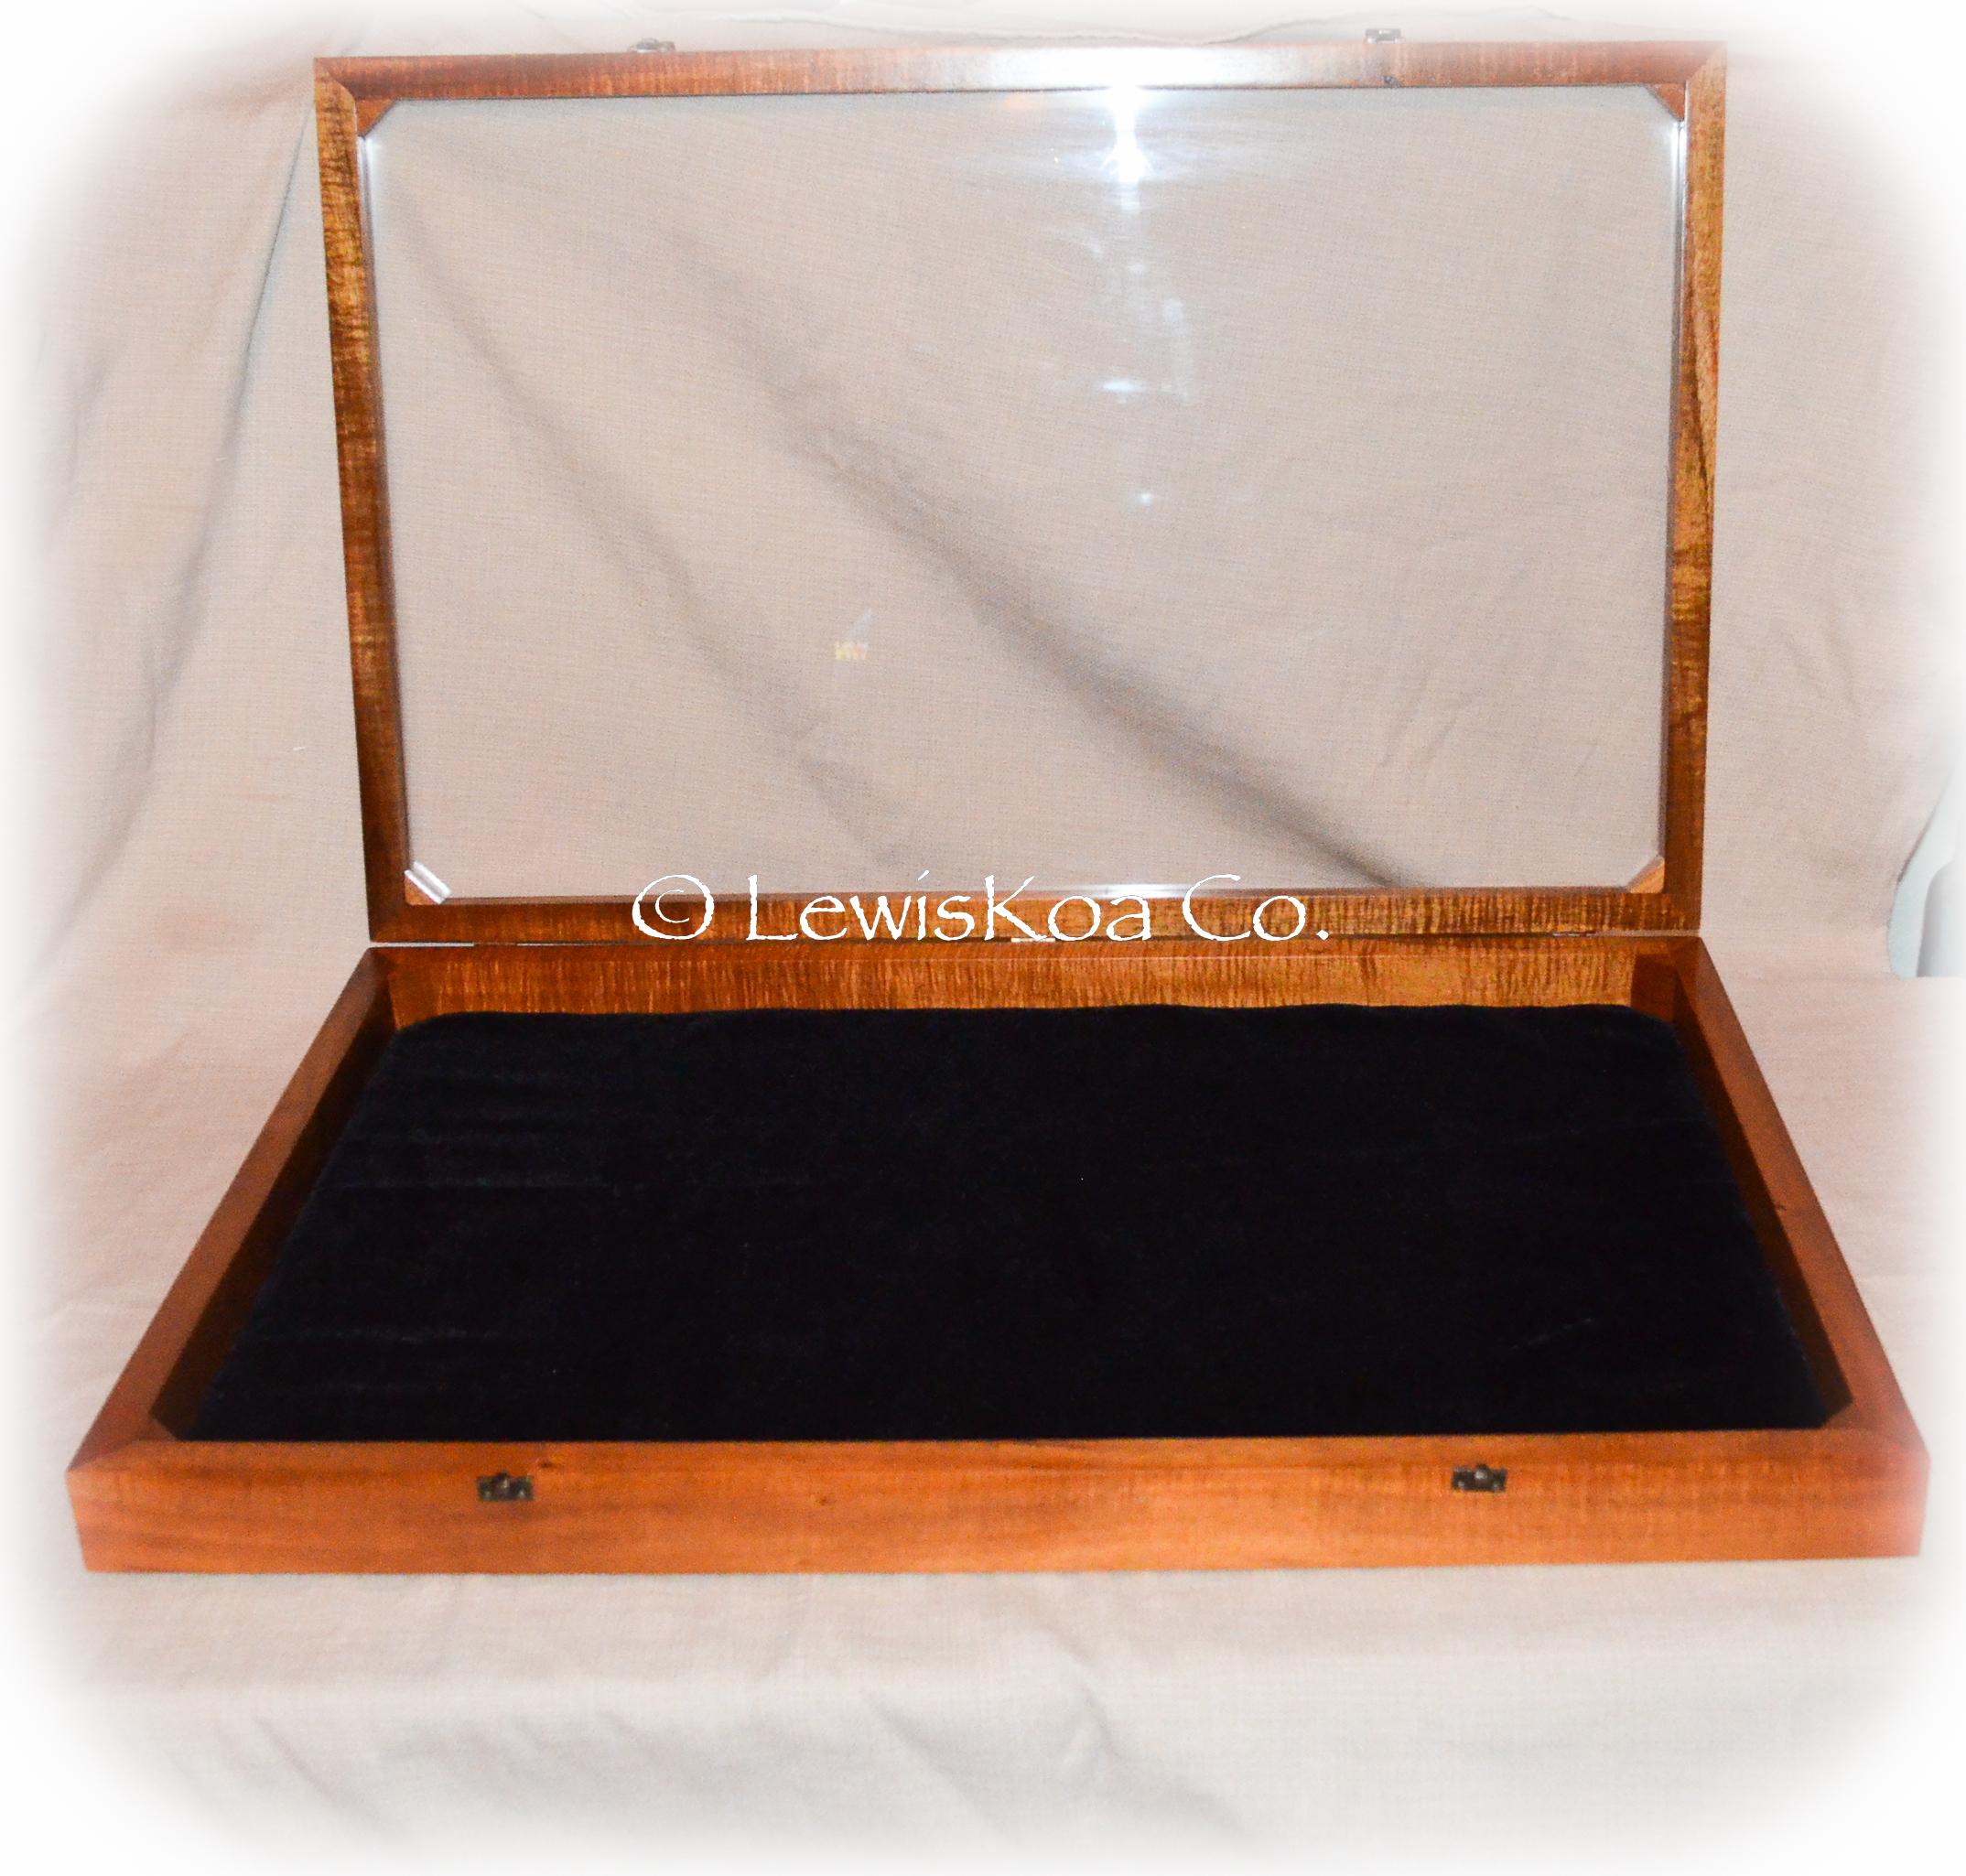 Koa wood Shadow Box